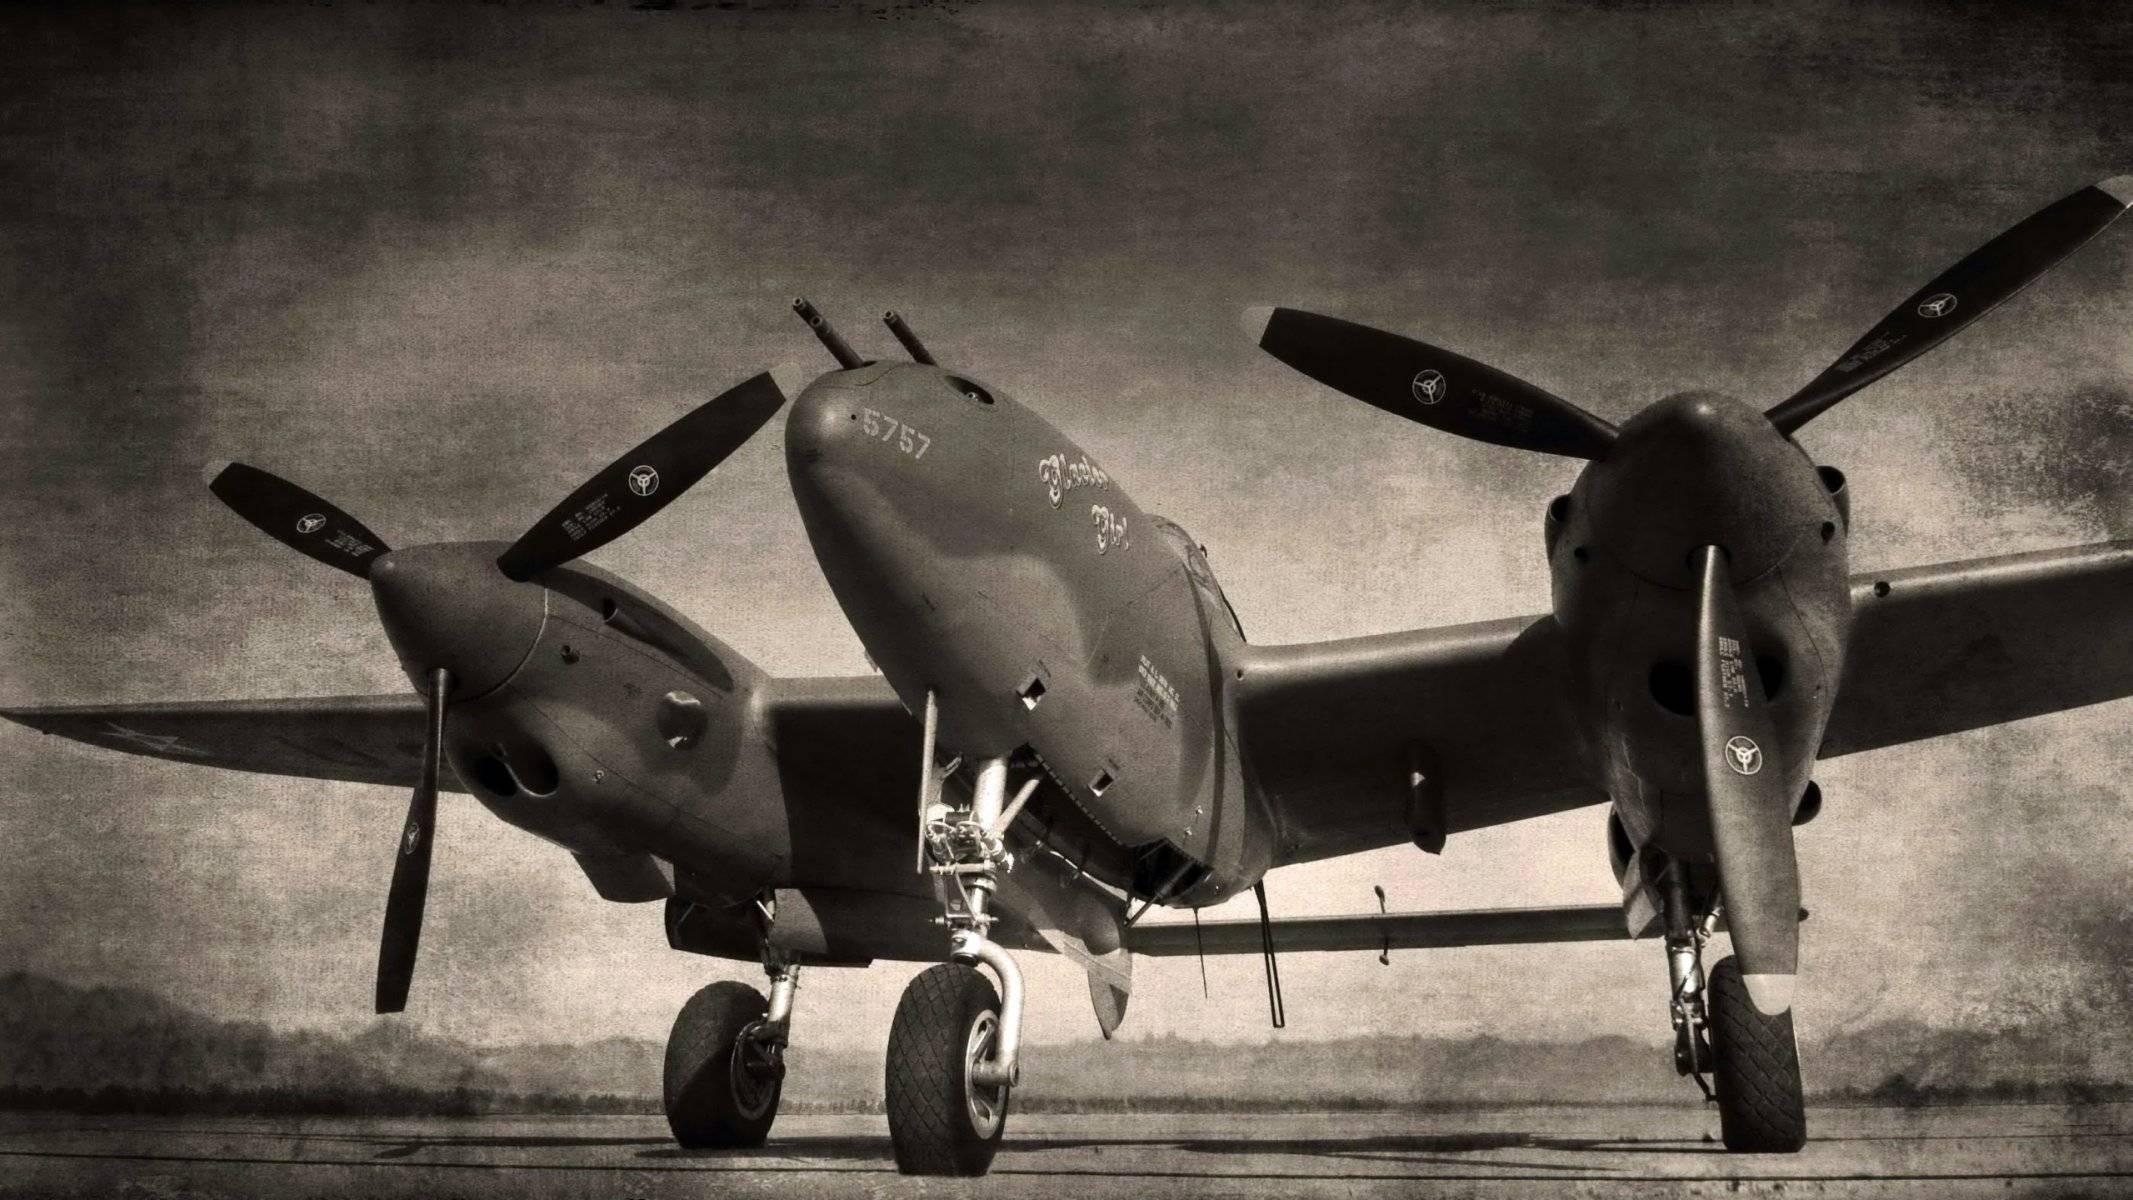 Lockheed p-38 lightning википедия